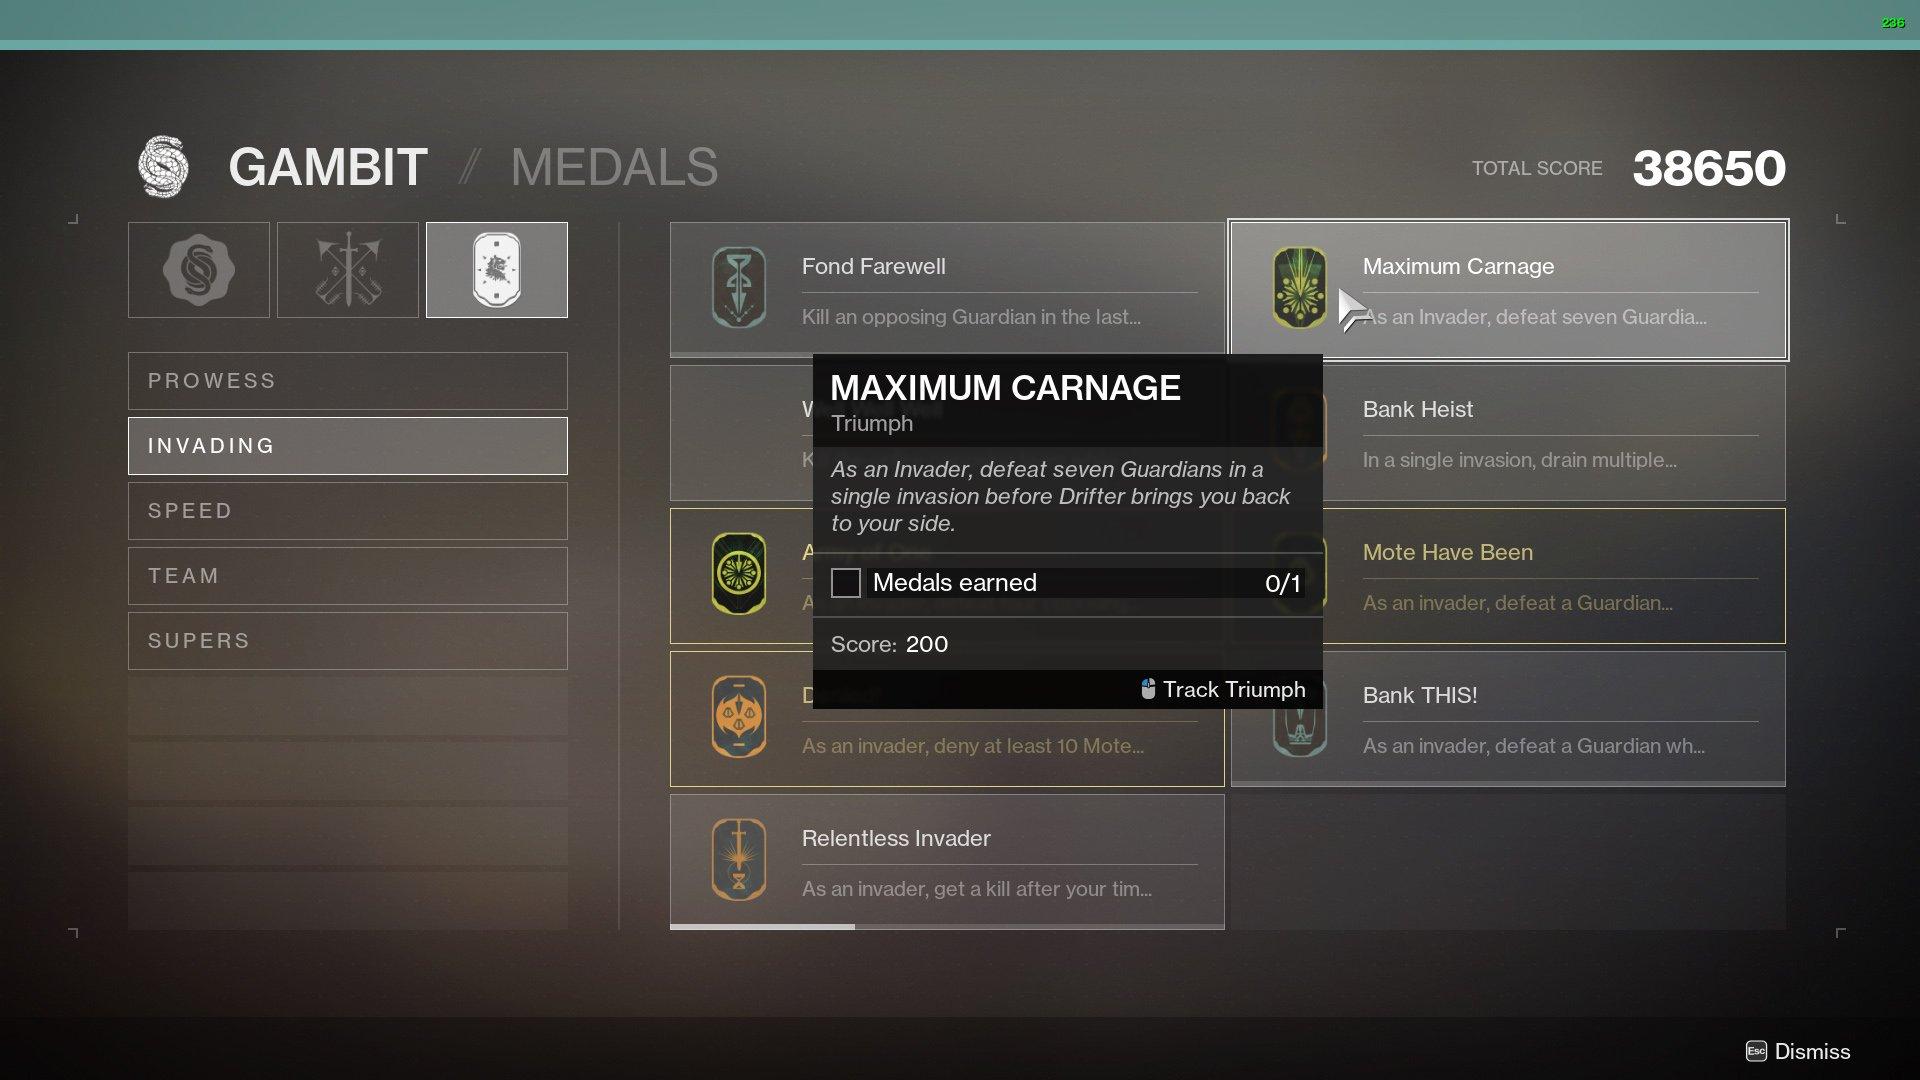 Destiny 2 Gambit medals